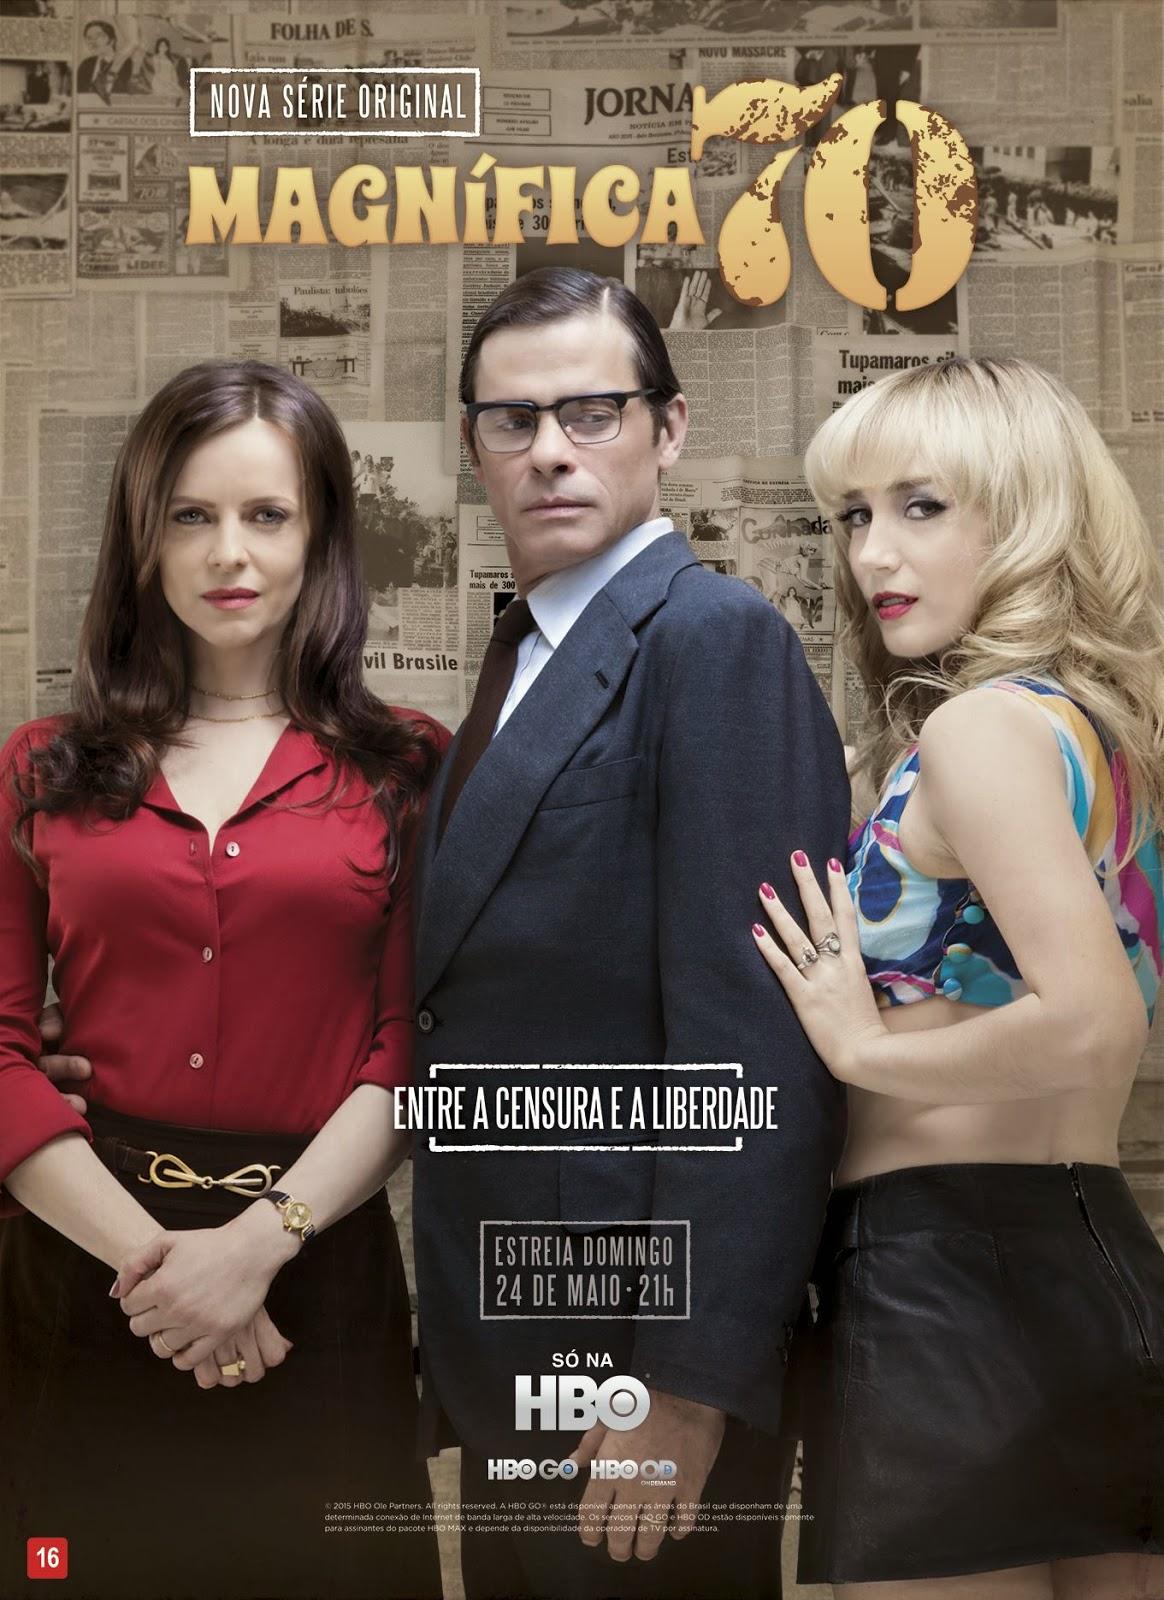 Magnifica 70: il poster della serie